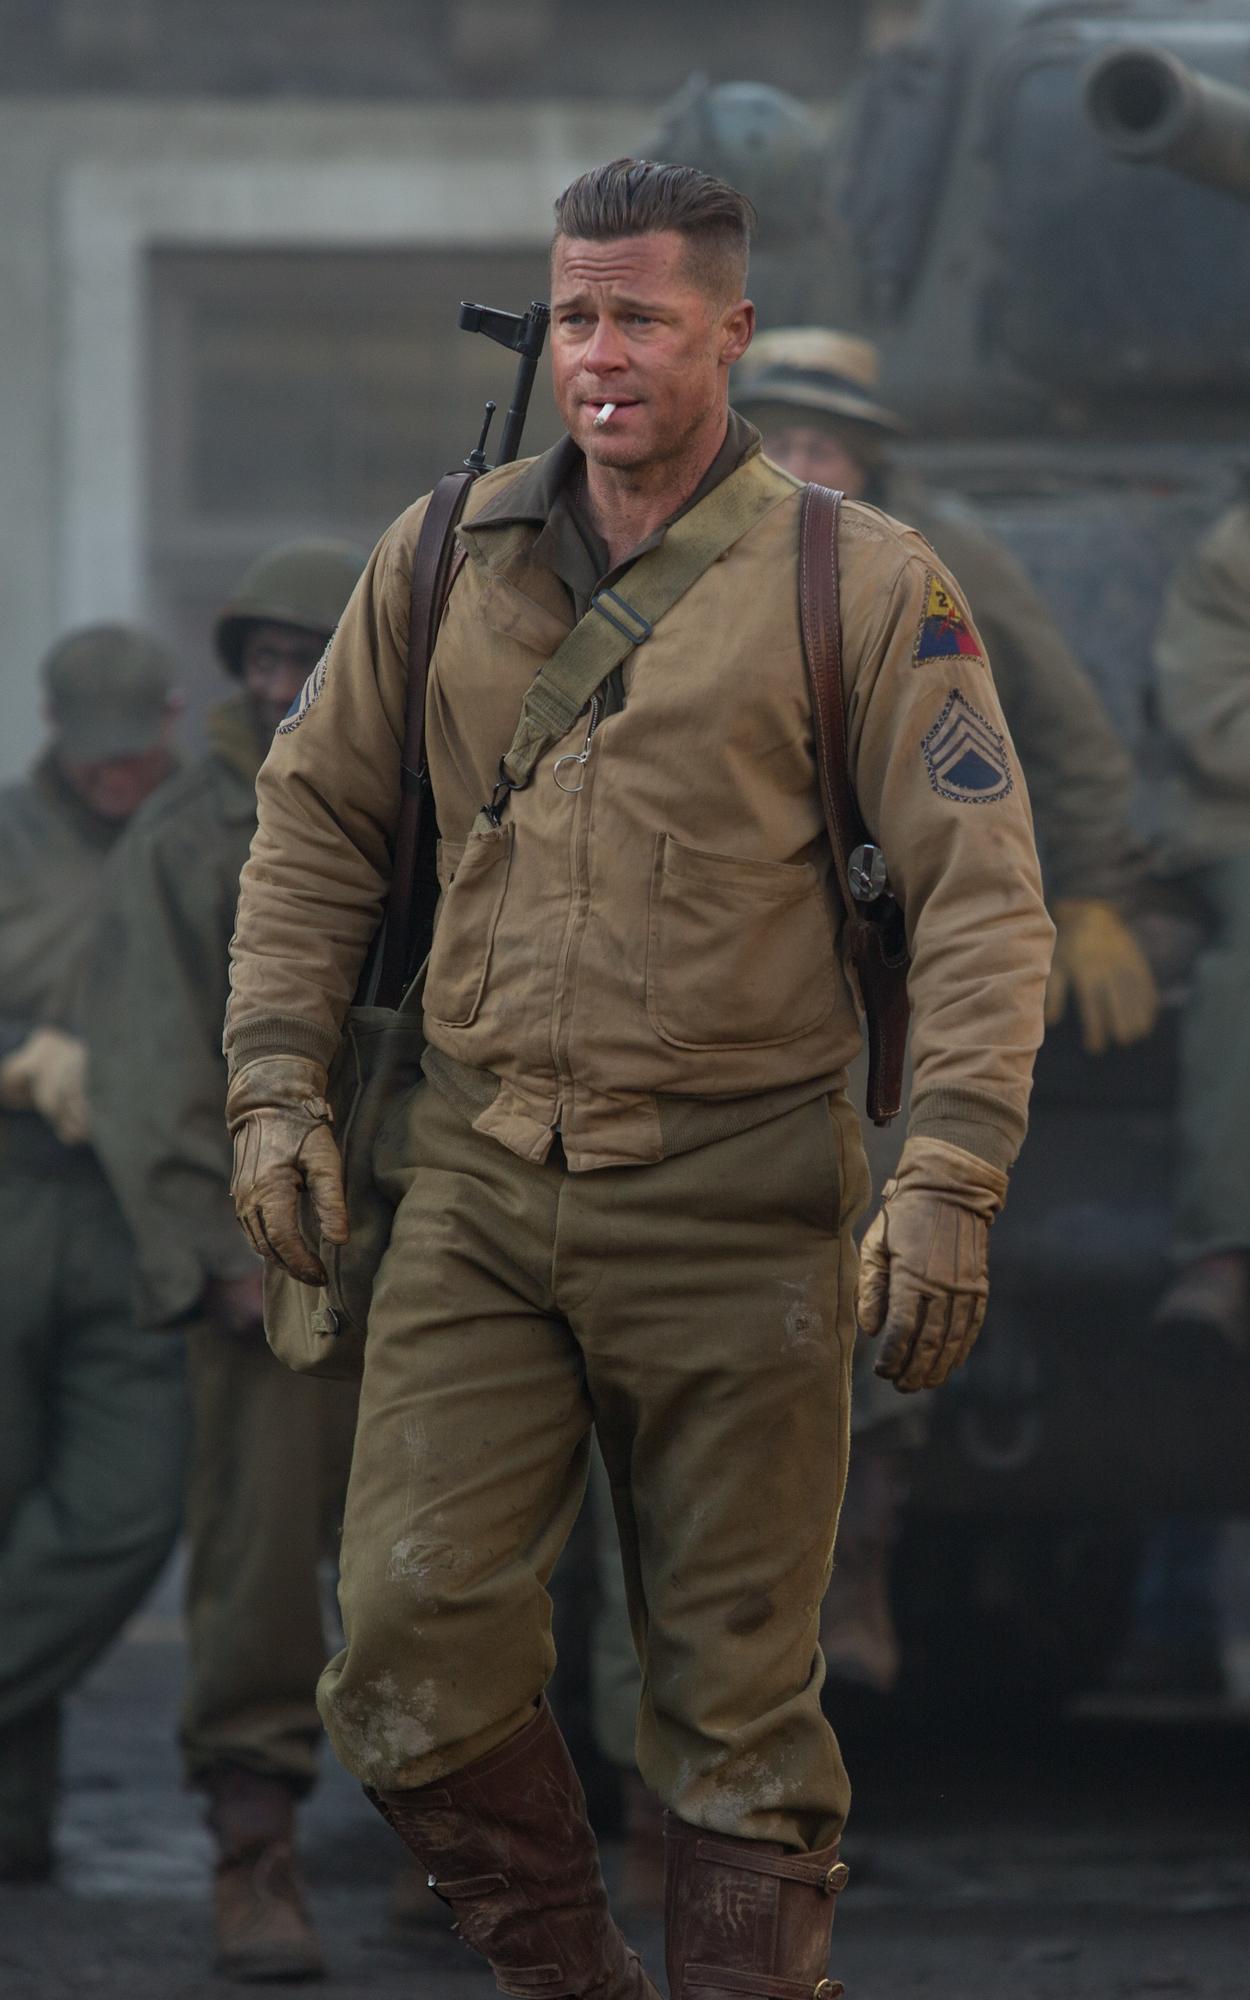 Fury - Brad Pitt as